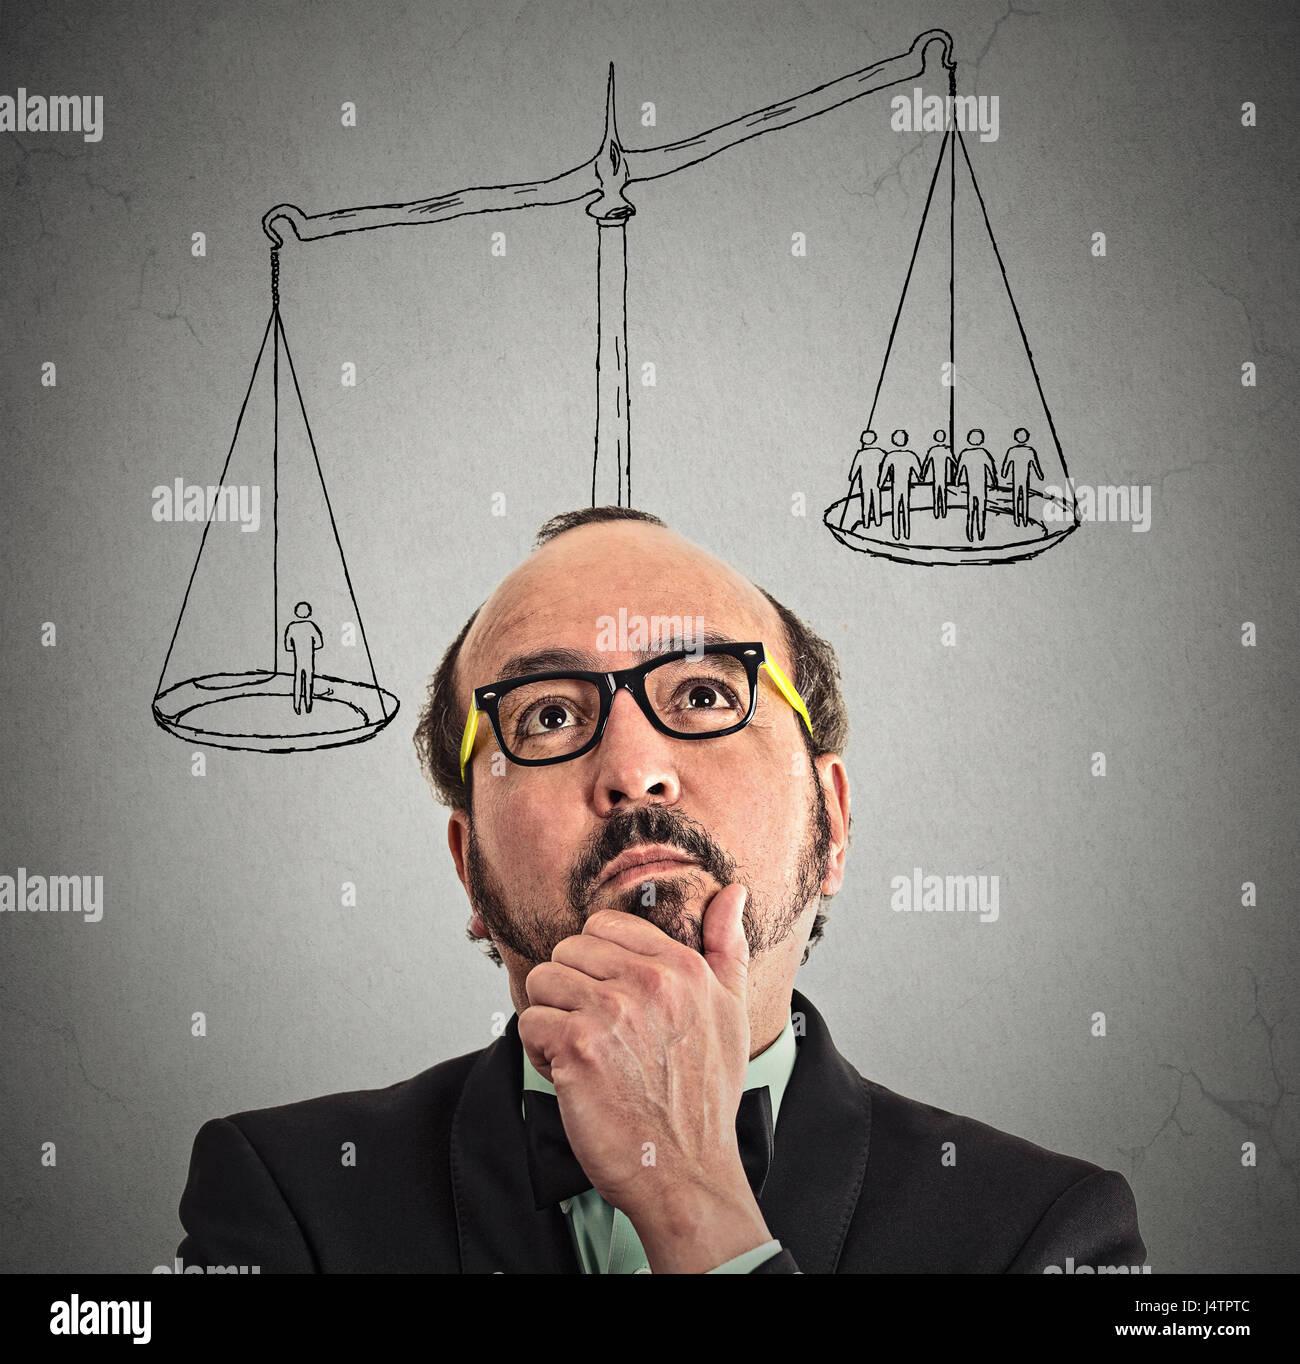 Geschäftsmann mit Skala über Kopf ein Mann mehr als Gruppe von Geschäftsleuten auf einem Gleichgewicht Stockbild